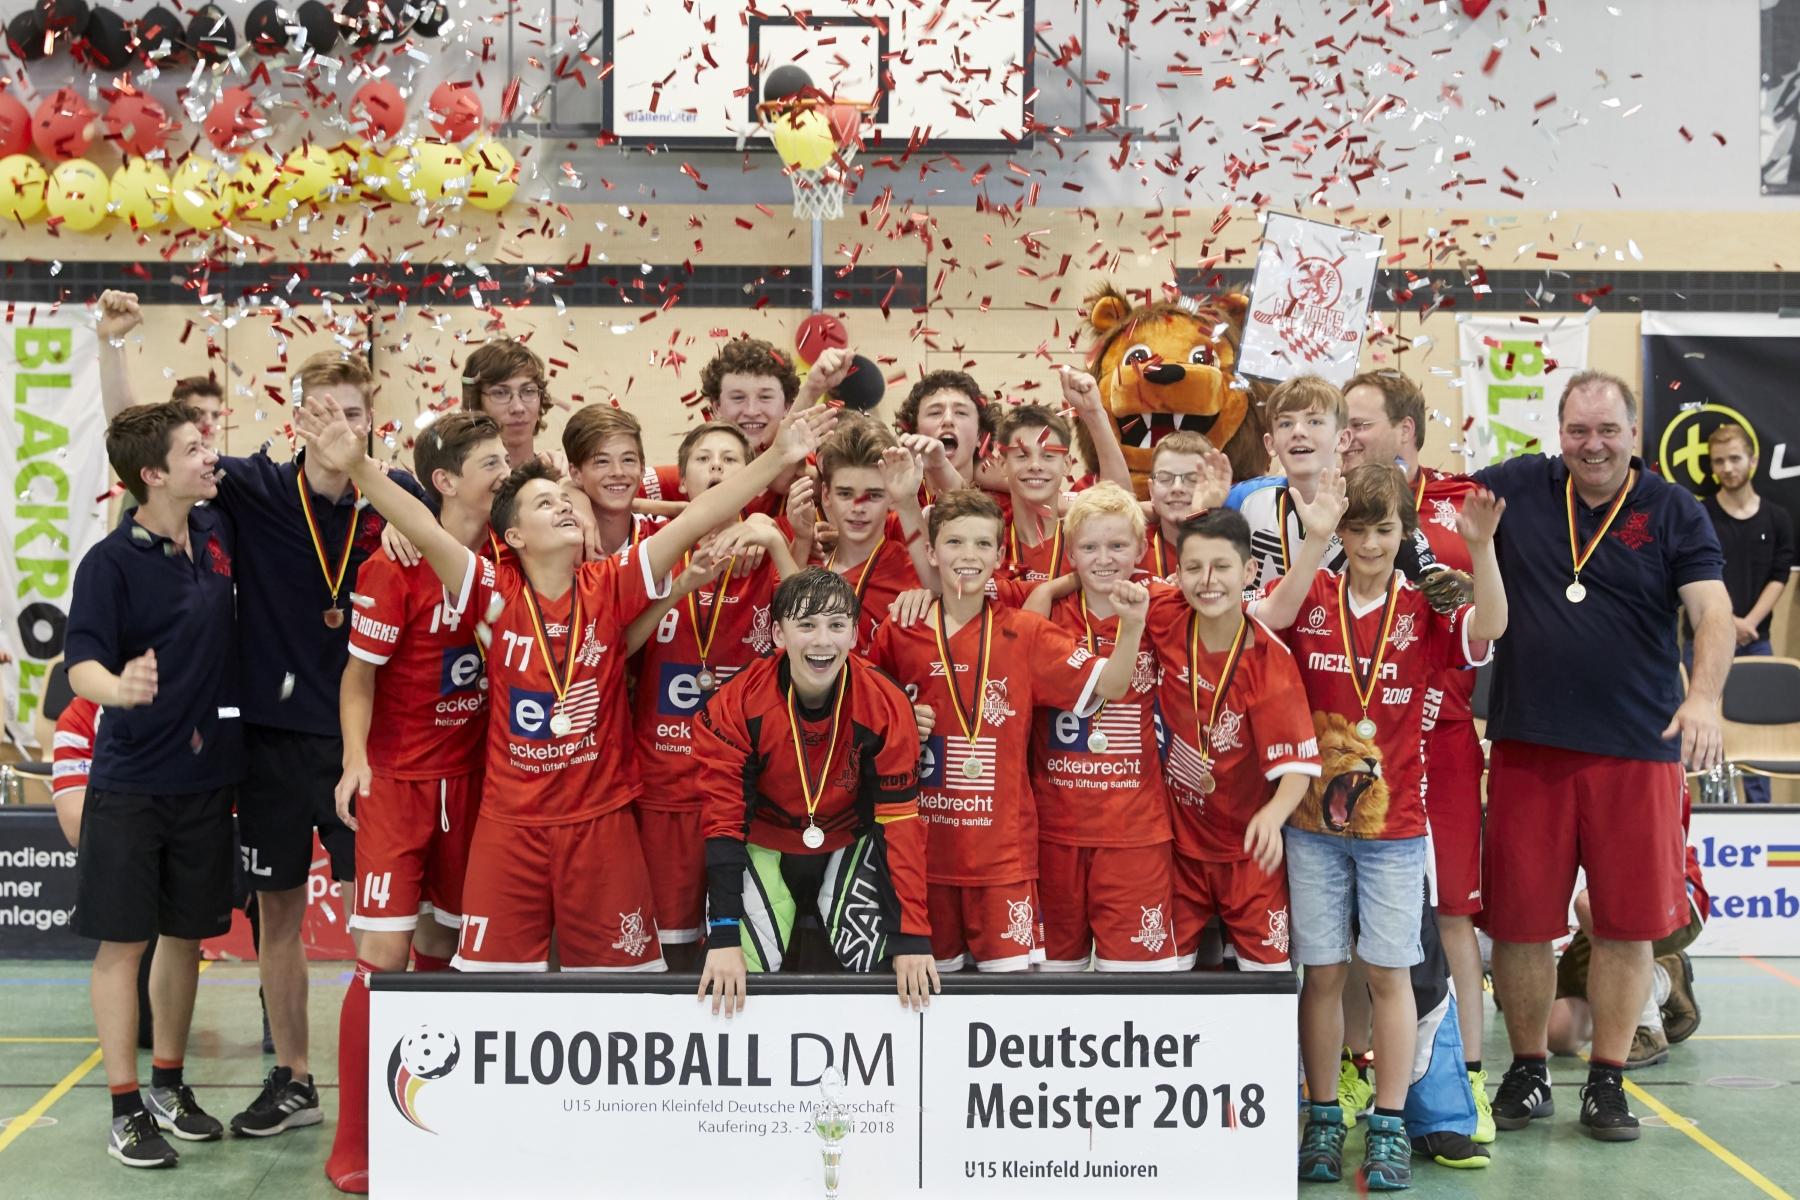 U15 Deutscher Meister